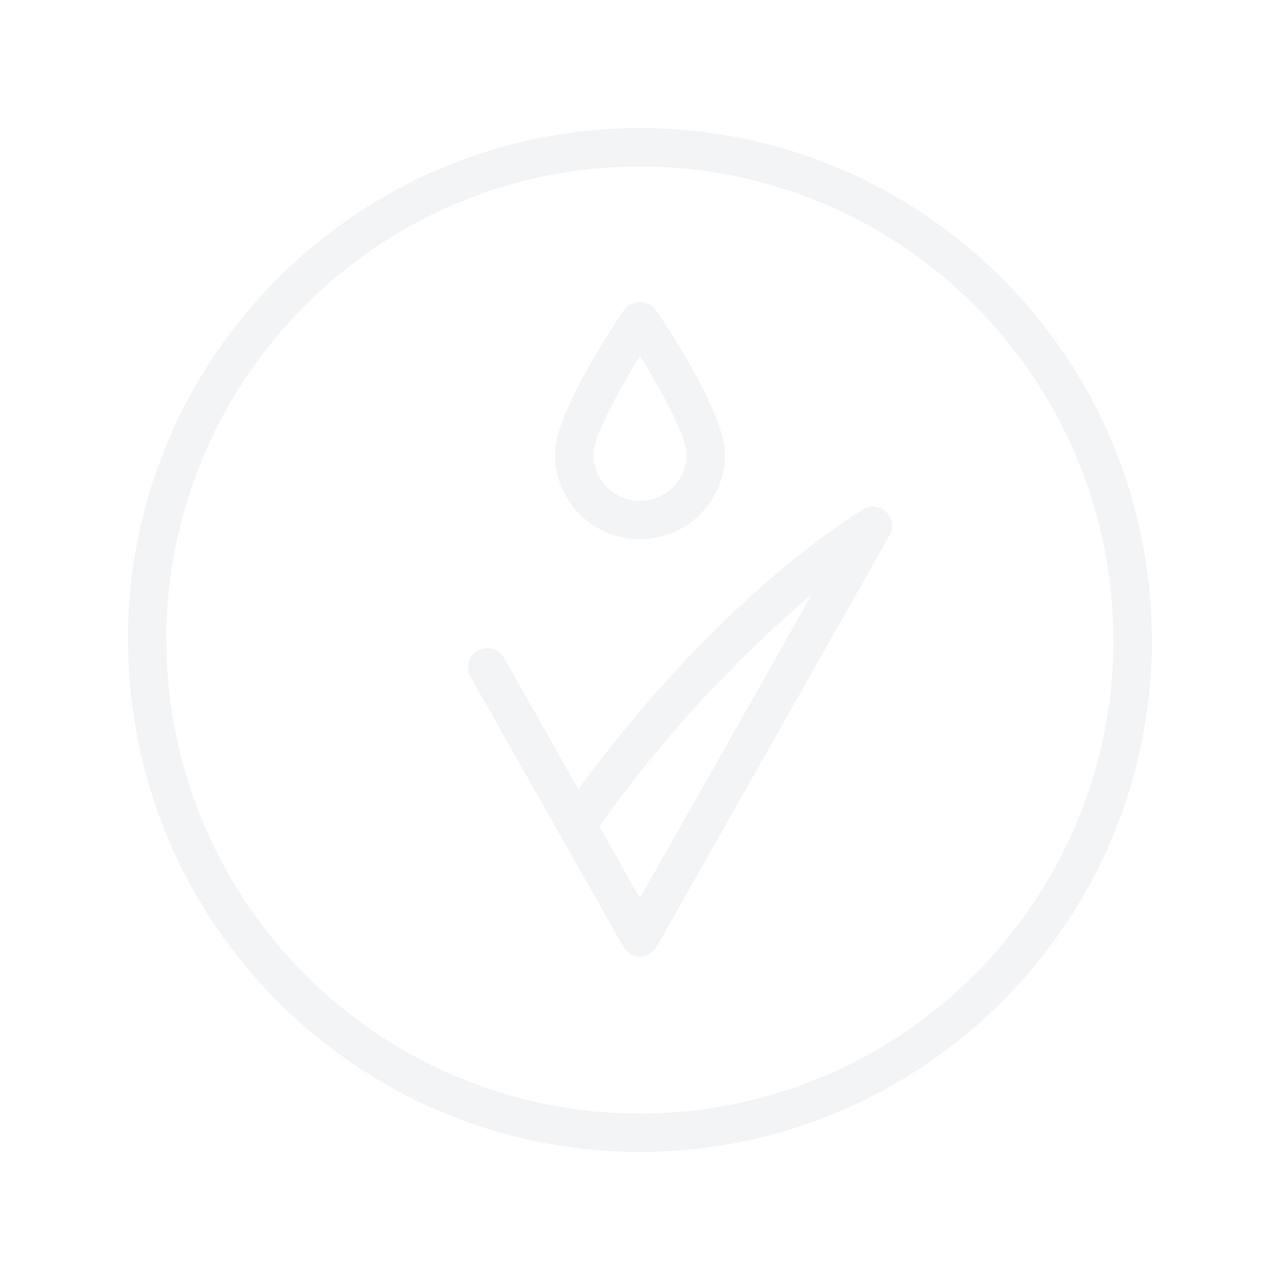 EOS Pure Softness Lip Balm 7g